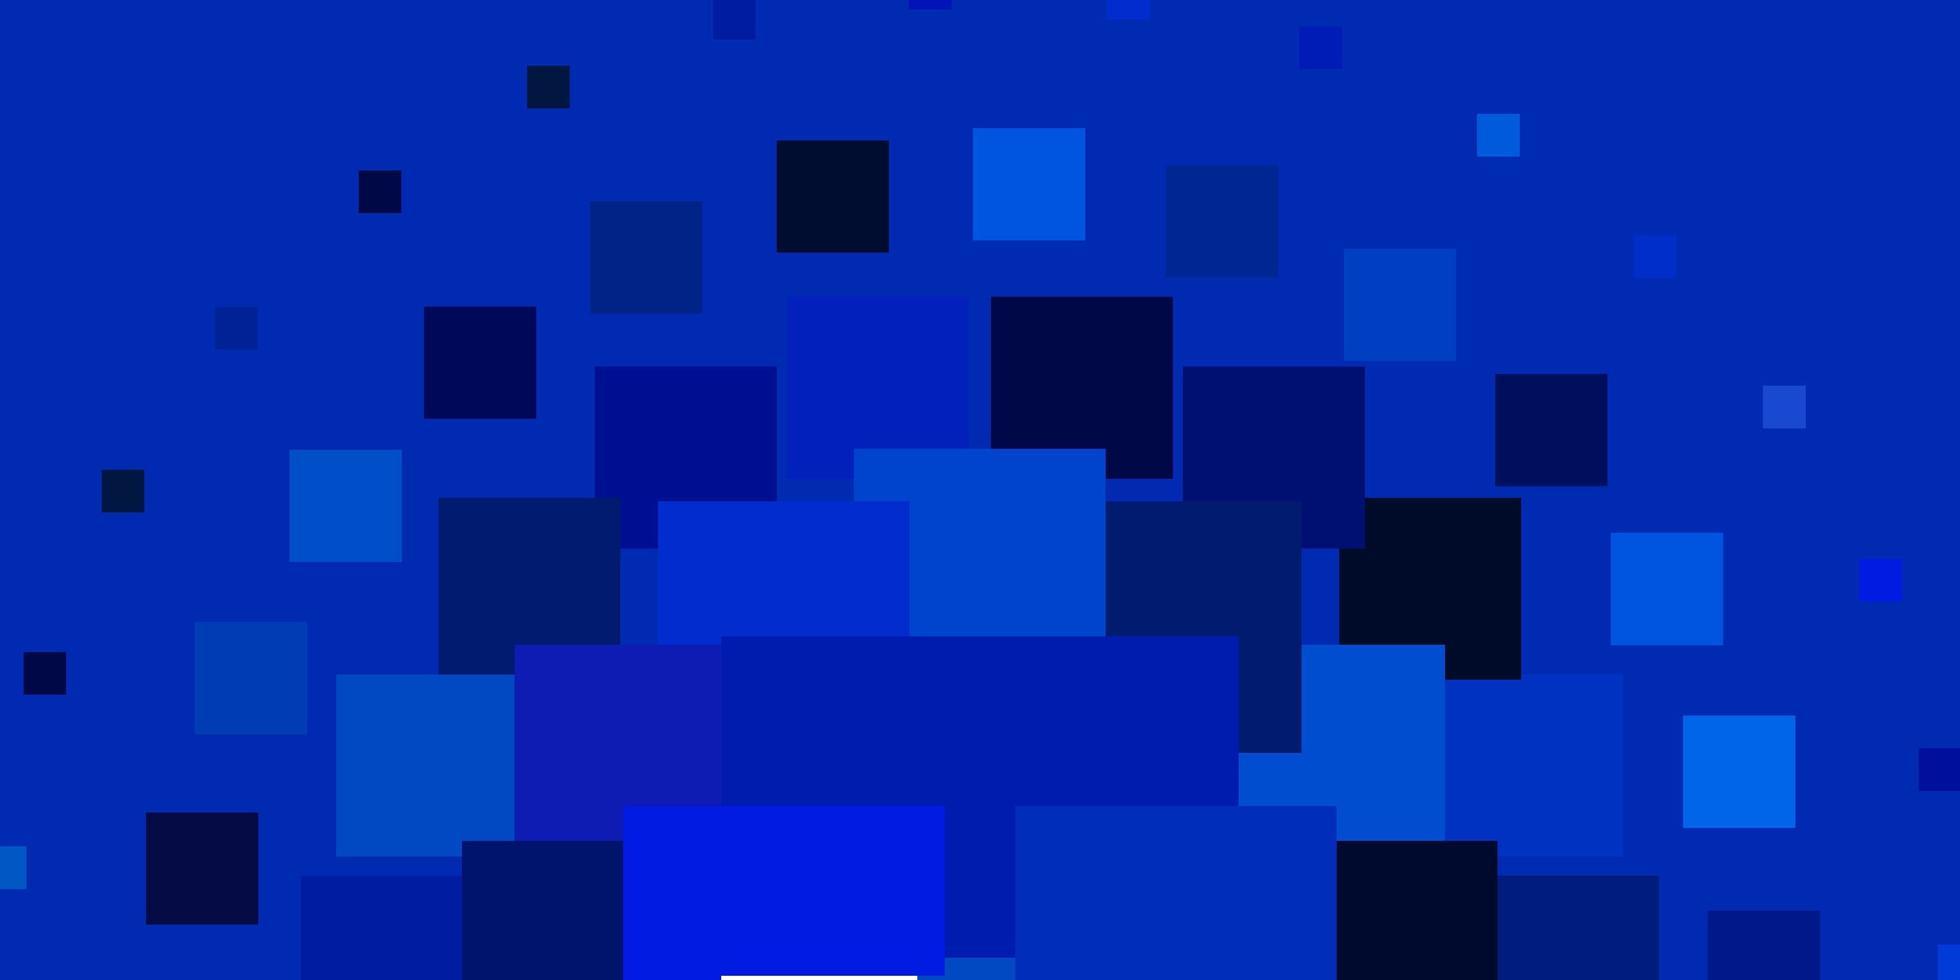 lichtblauwe achtergrond in veelhoekige stijl. vector